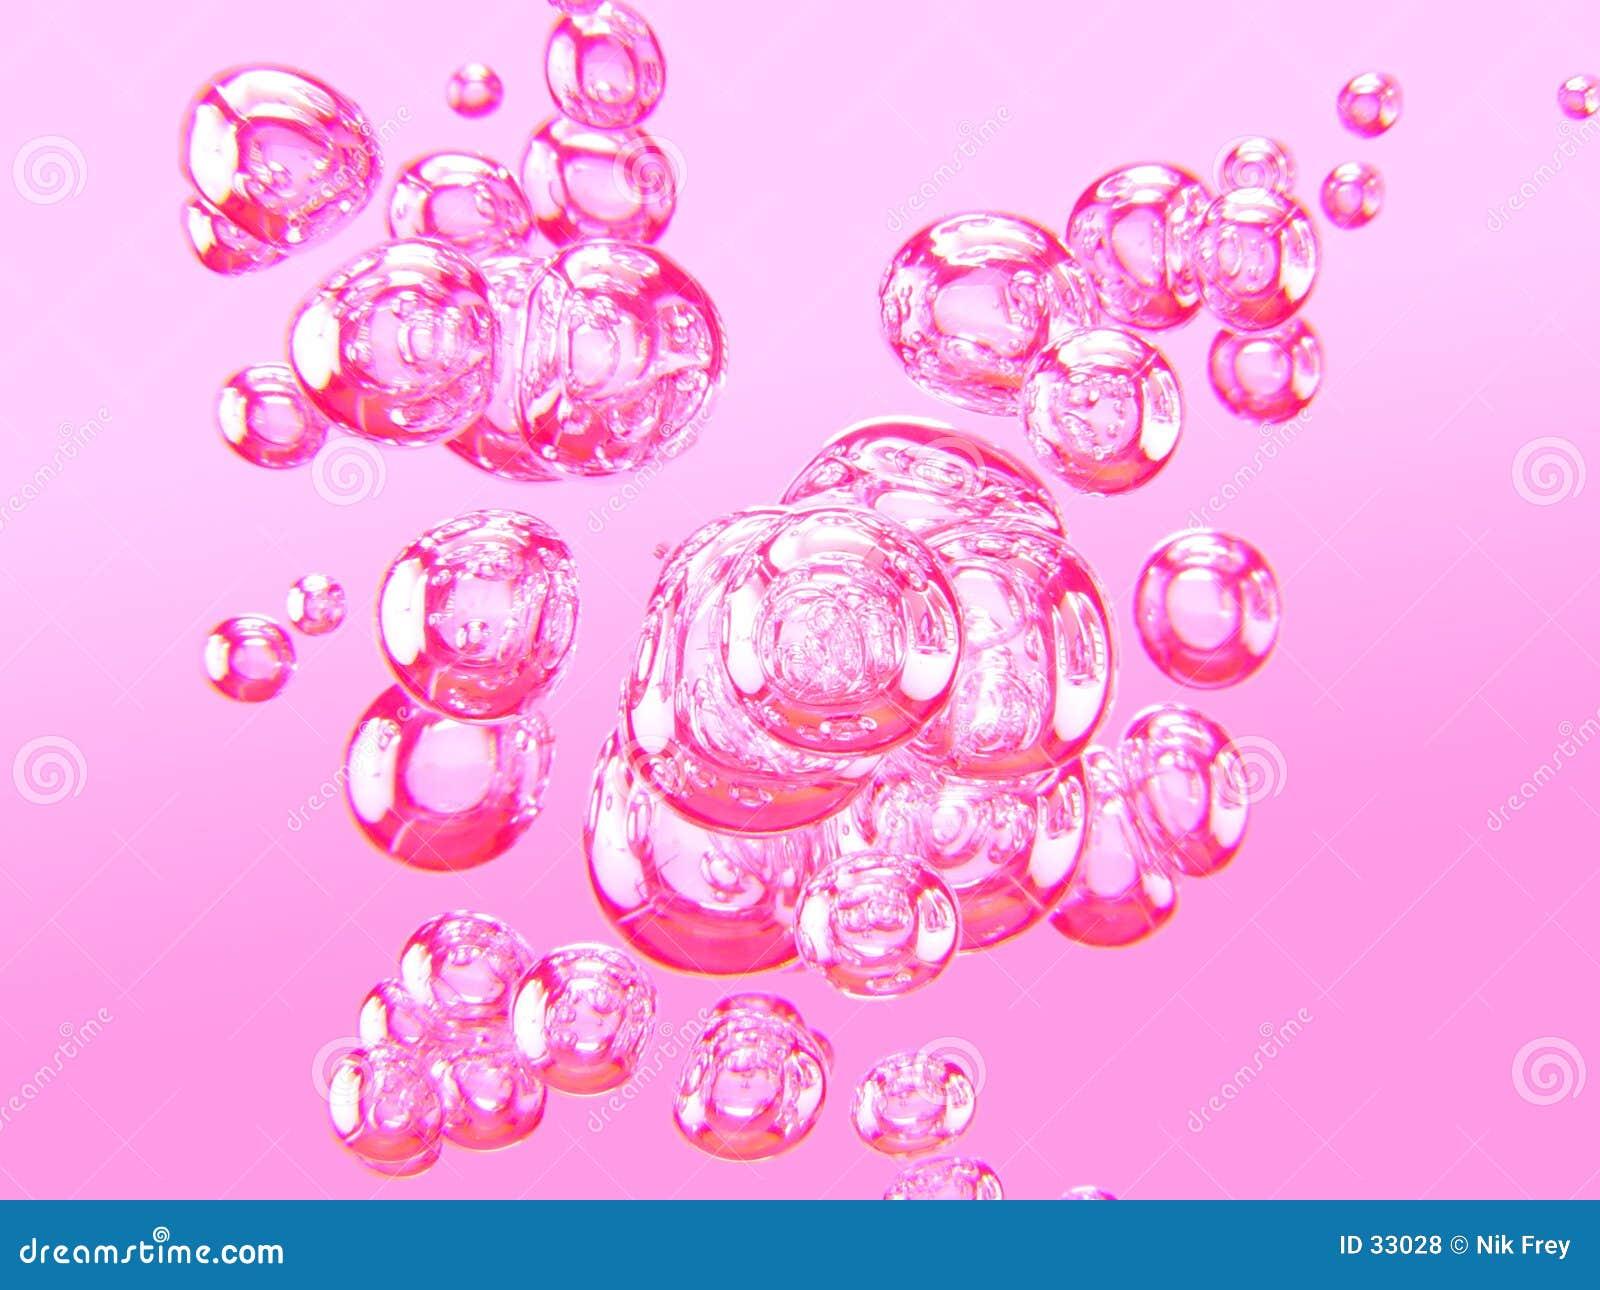 Download Burbujas de aire II stock de ilustración. Ilustración de textura - 33028